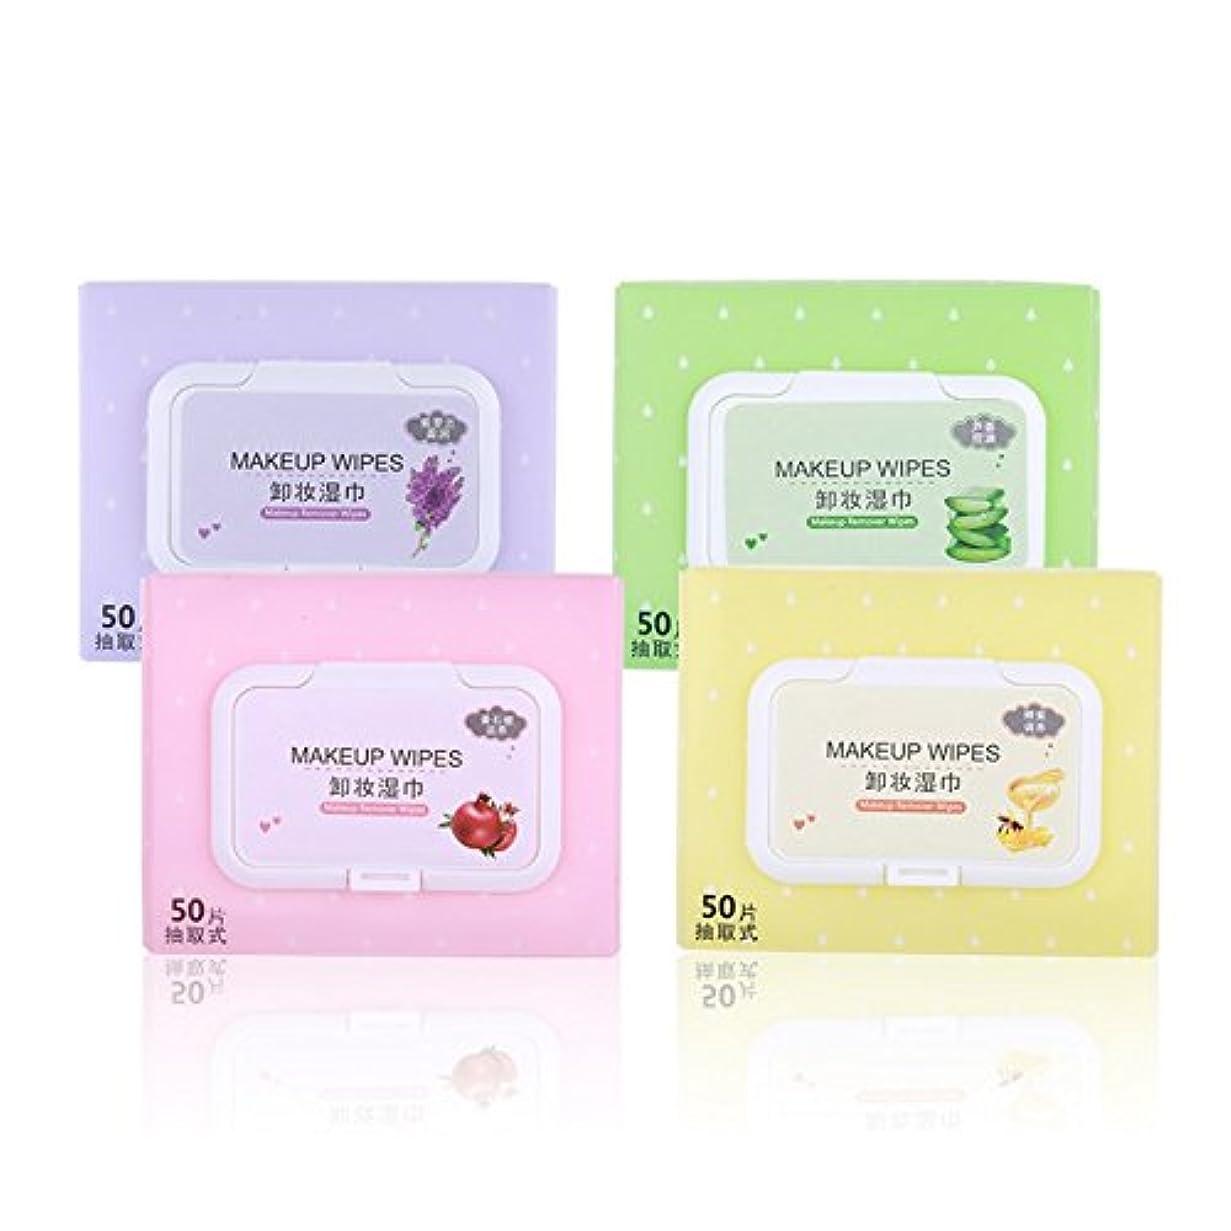 アイスクリームプレミア衝突する50 pcs/pack Beauty Non-Woven Fabric Makeup Remover Wipes Four Kinds Scent Comfortable Face Makeup Remover Pads...